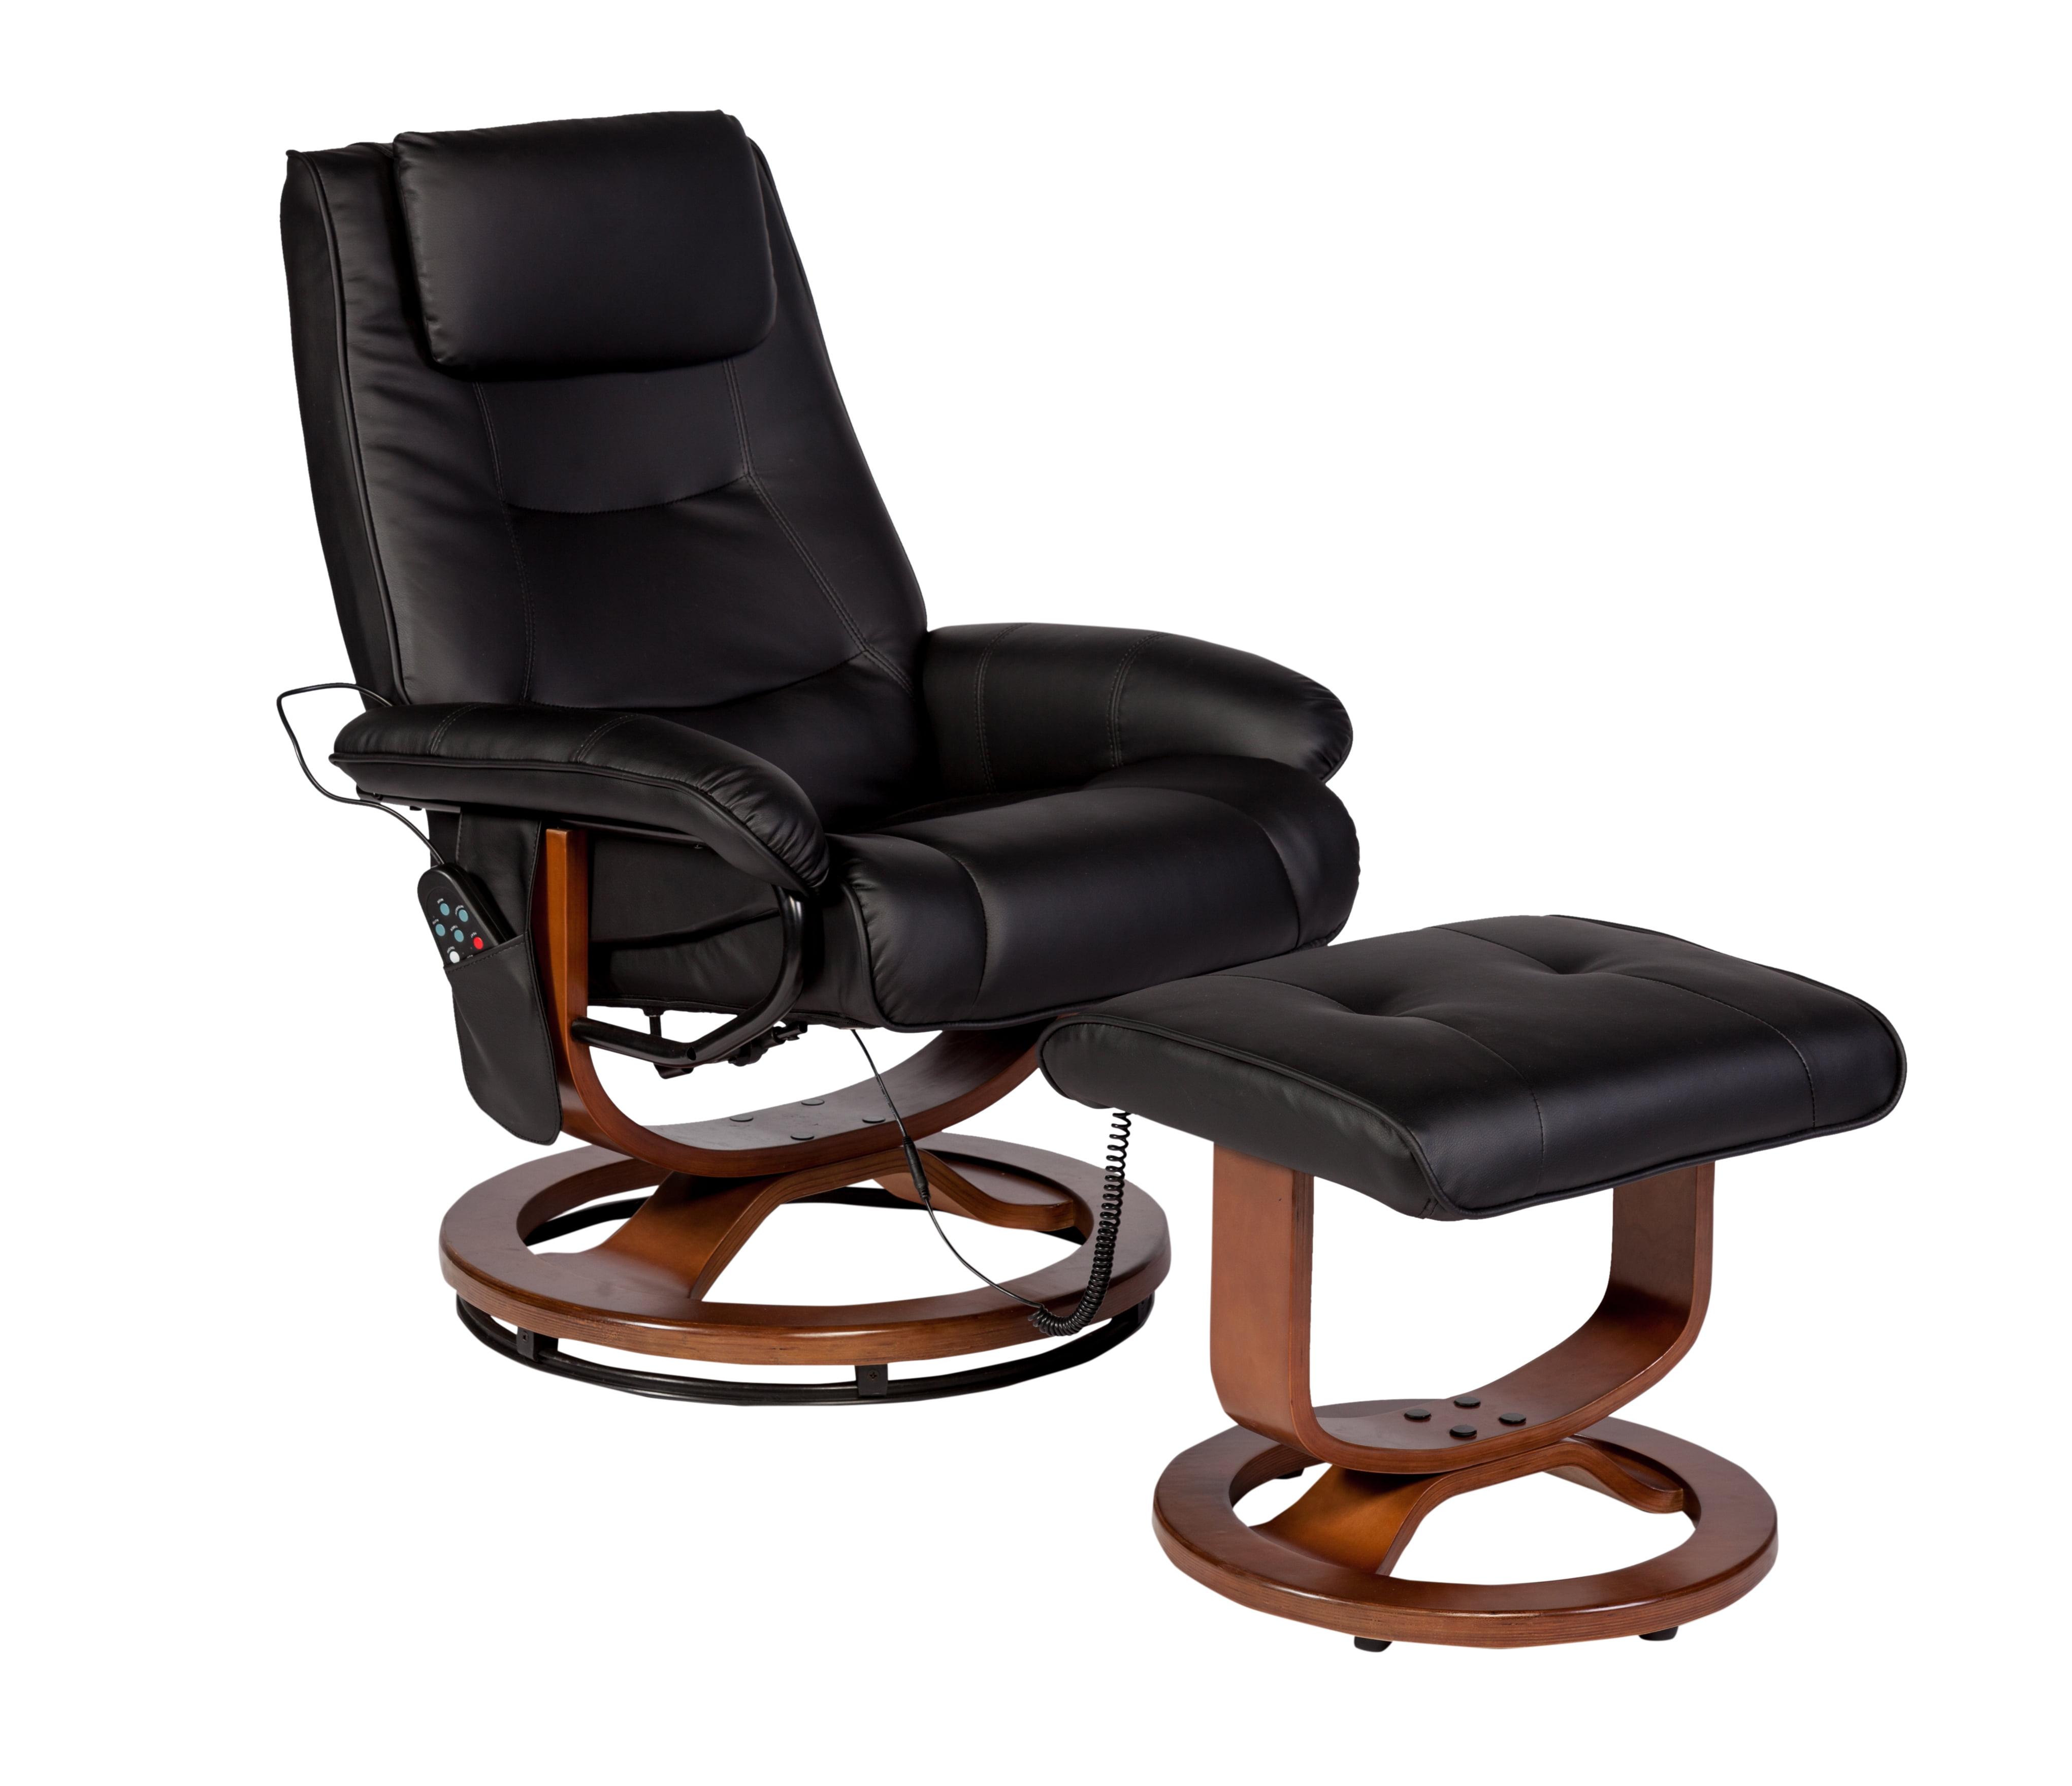 Relaxzen Reclining Massage Chair And Ottoman Brown Microseude Walmart Com Walmart Com